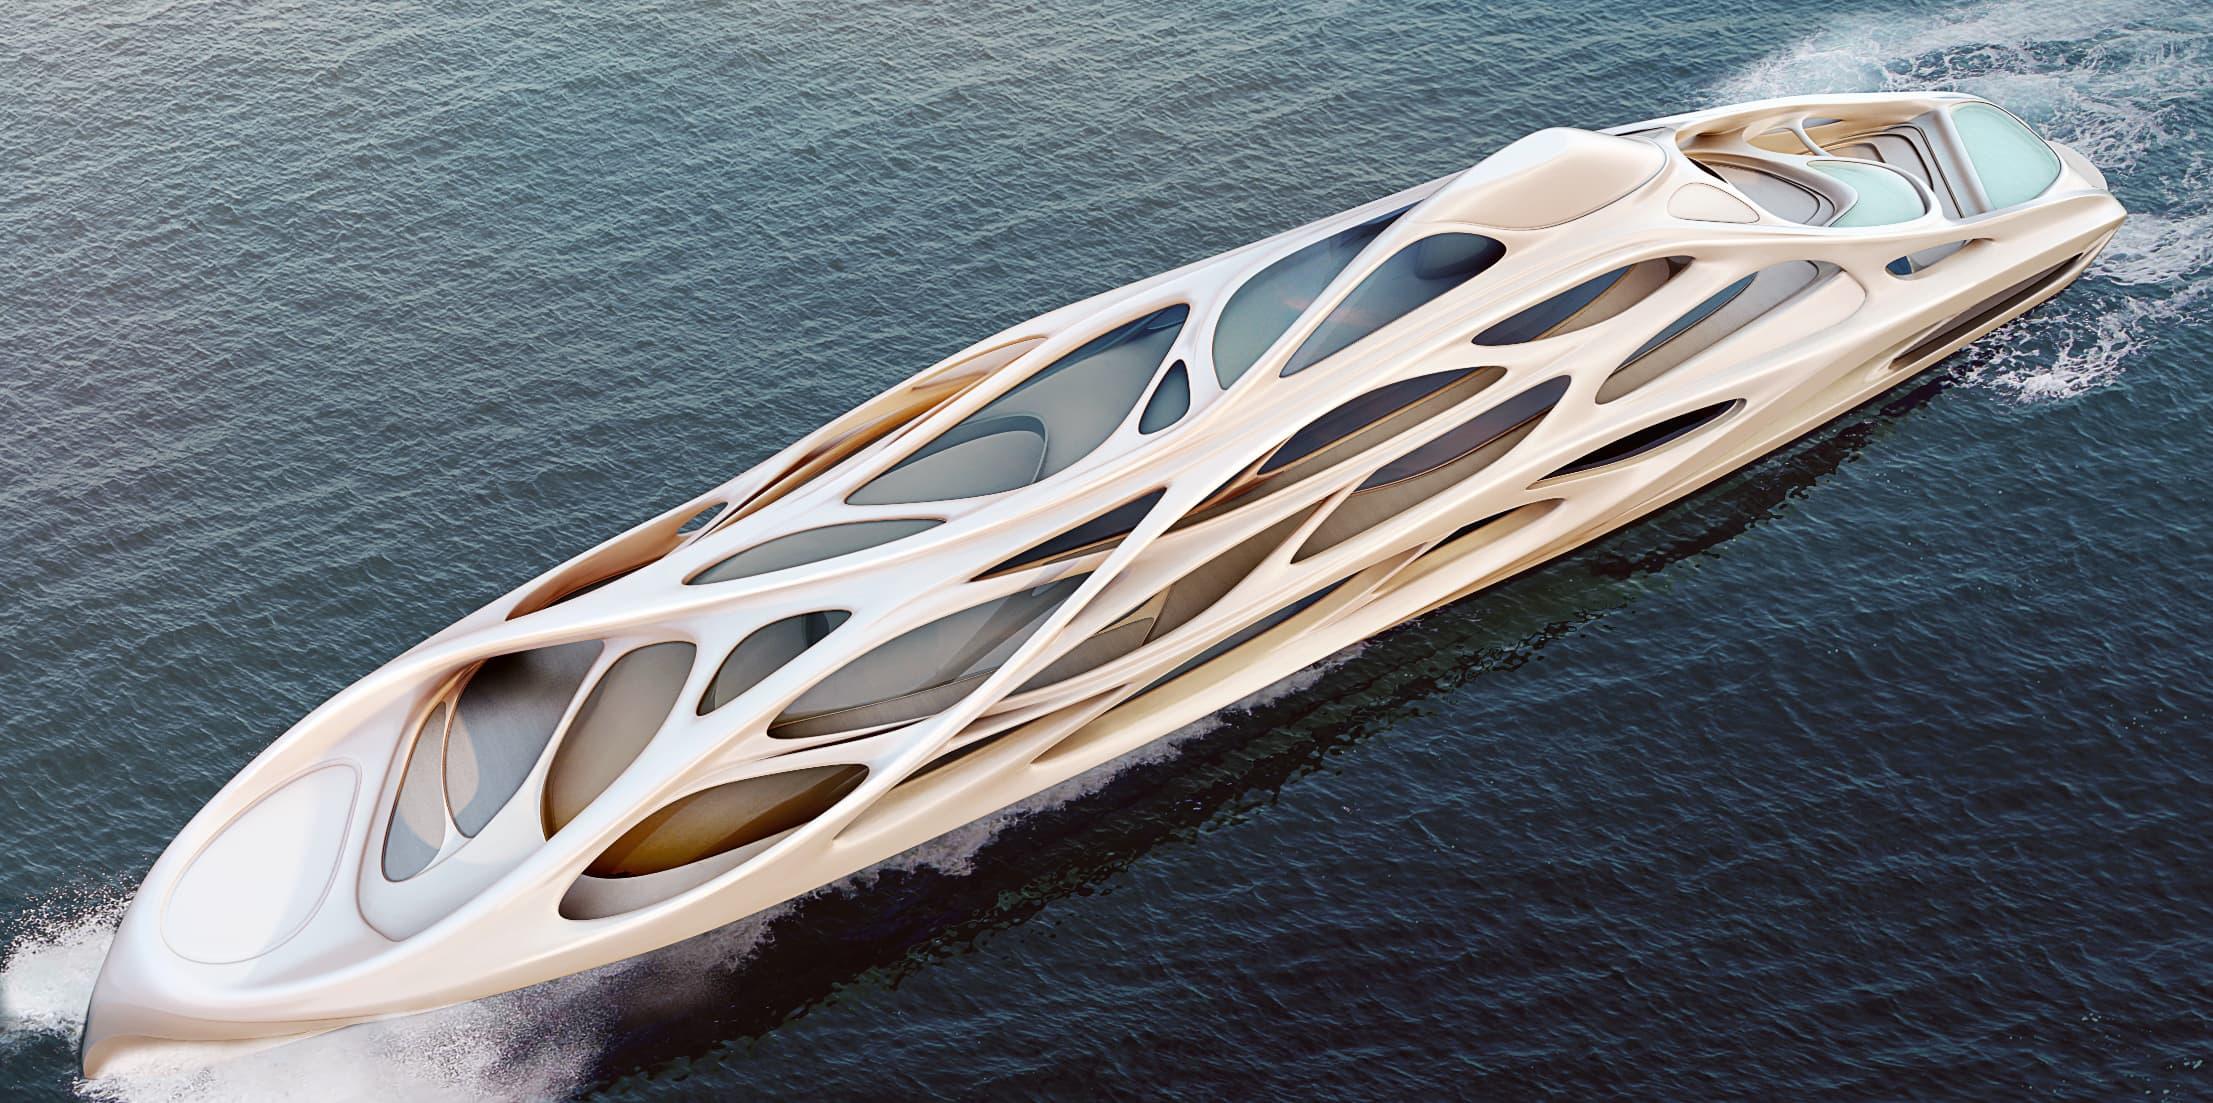 Havainnekuva arkkitehtitoimisto Zada Hadidin Blohm + Vossille suunnittelemasta jahdista.